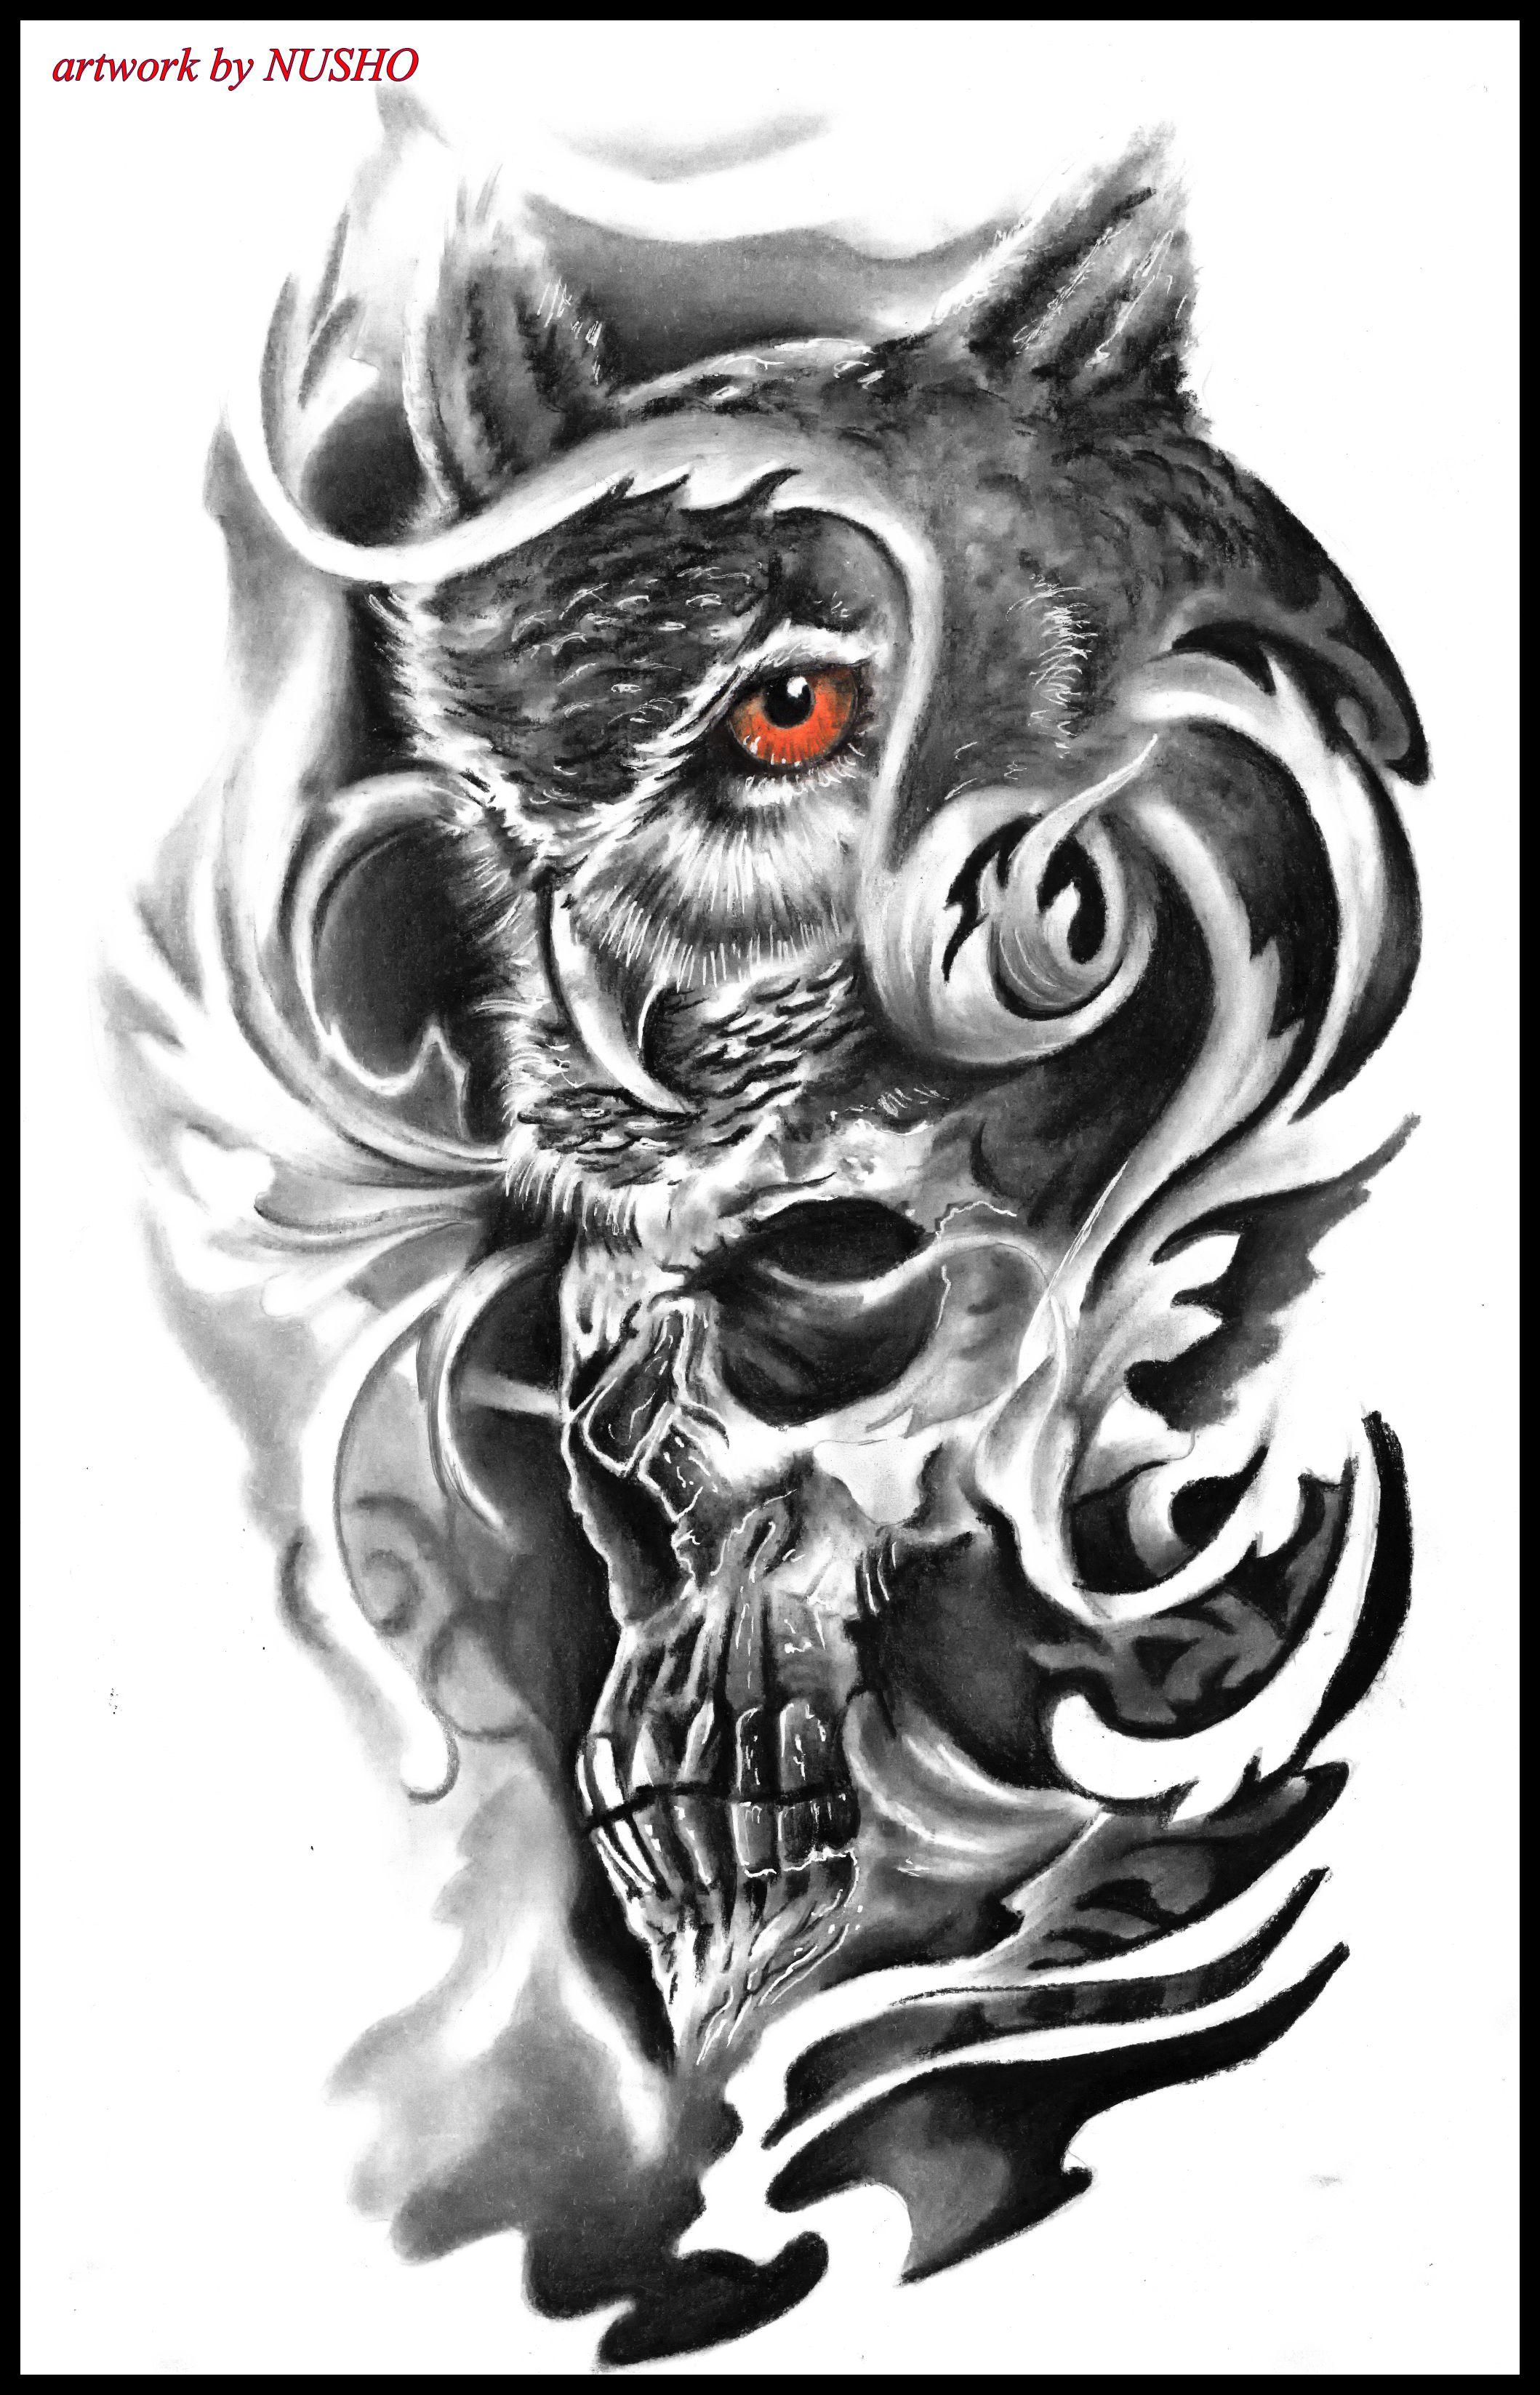 Pin By Gilberto Bernardo On Artz Owl Skull Tattoos Lion Head Tattoos Owl Tattoo Design